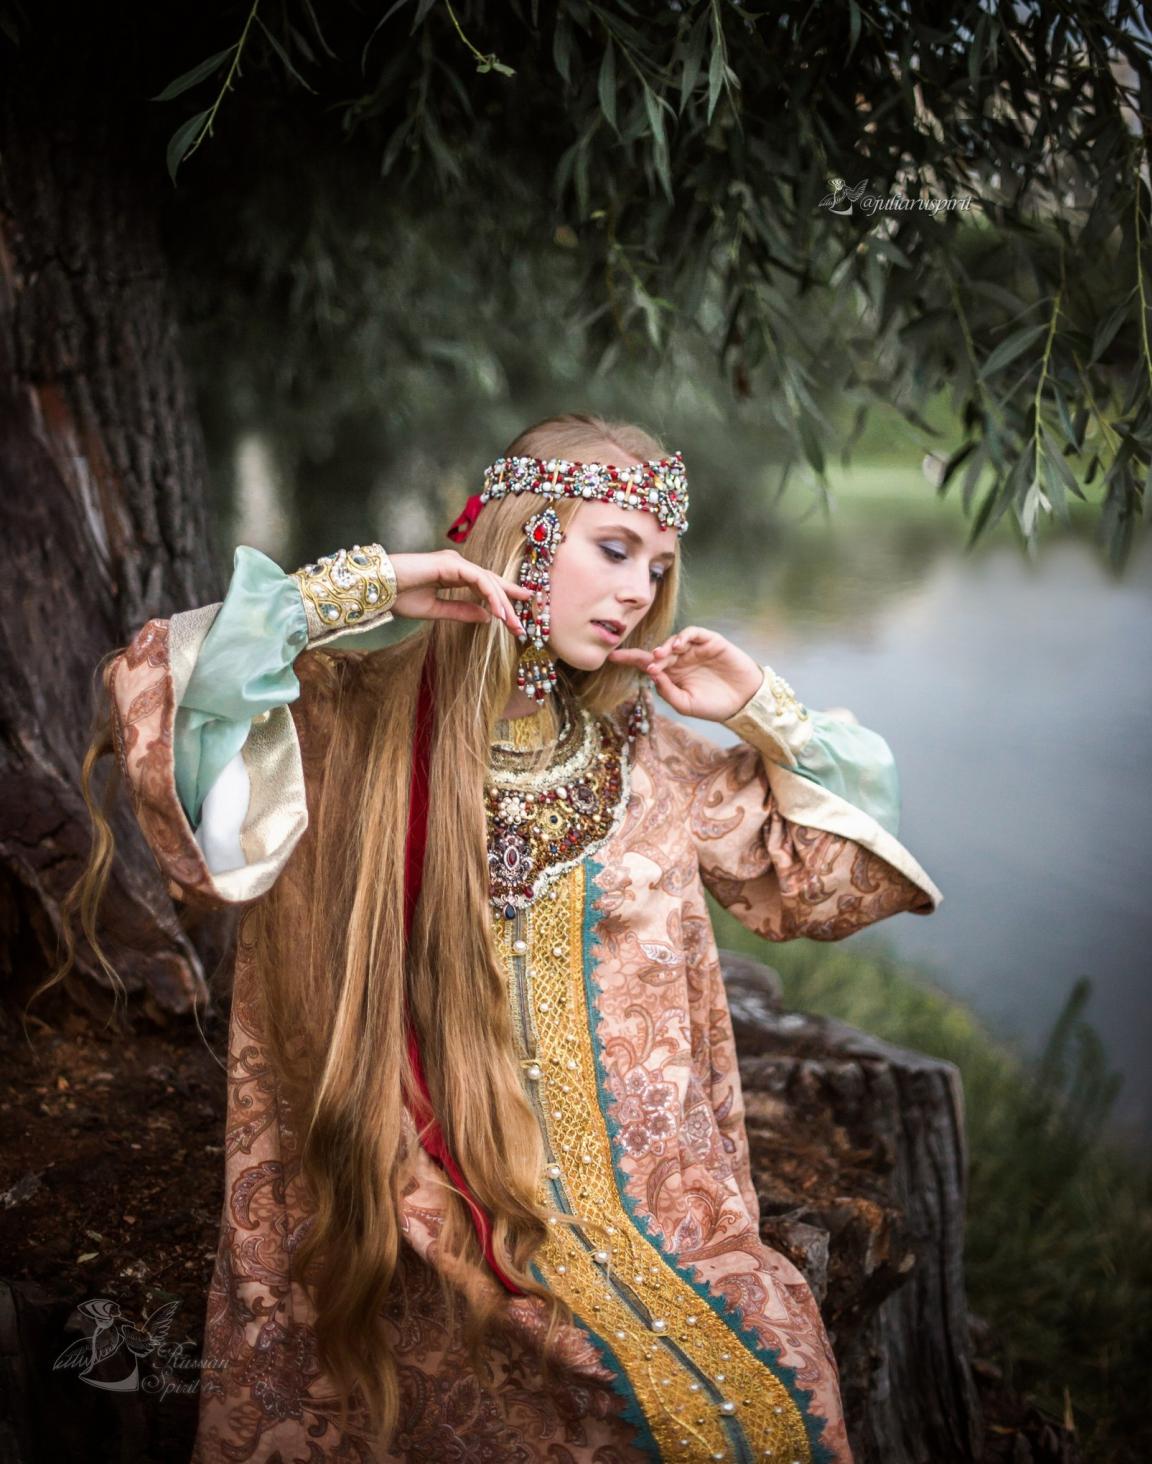 девушка в очелье и оплечье  у пруда костюме царевны